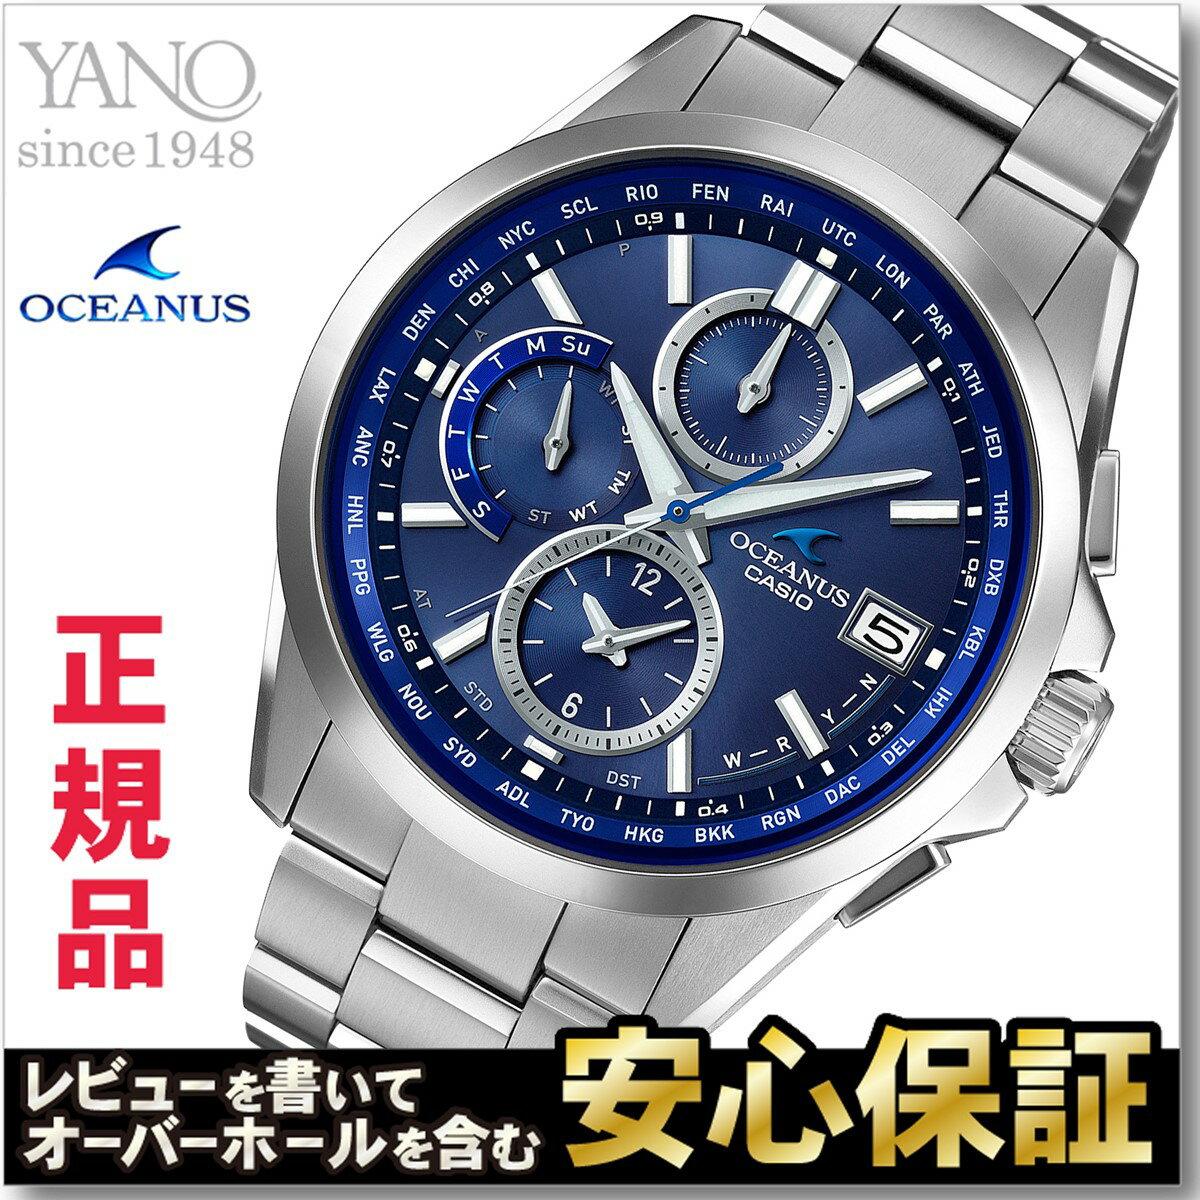 カシオ オシアナス OCW-T2600-2A2JF 電波 ソーラー 電波時計 腕時計 ブルー メンズ クラシックライン クロノグラフ タフソーラー CASIO OCEANUS【正規品】【0217】